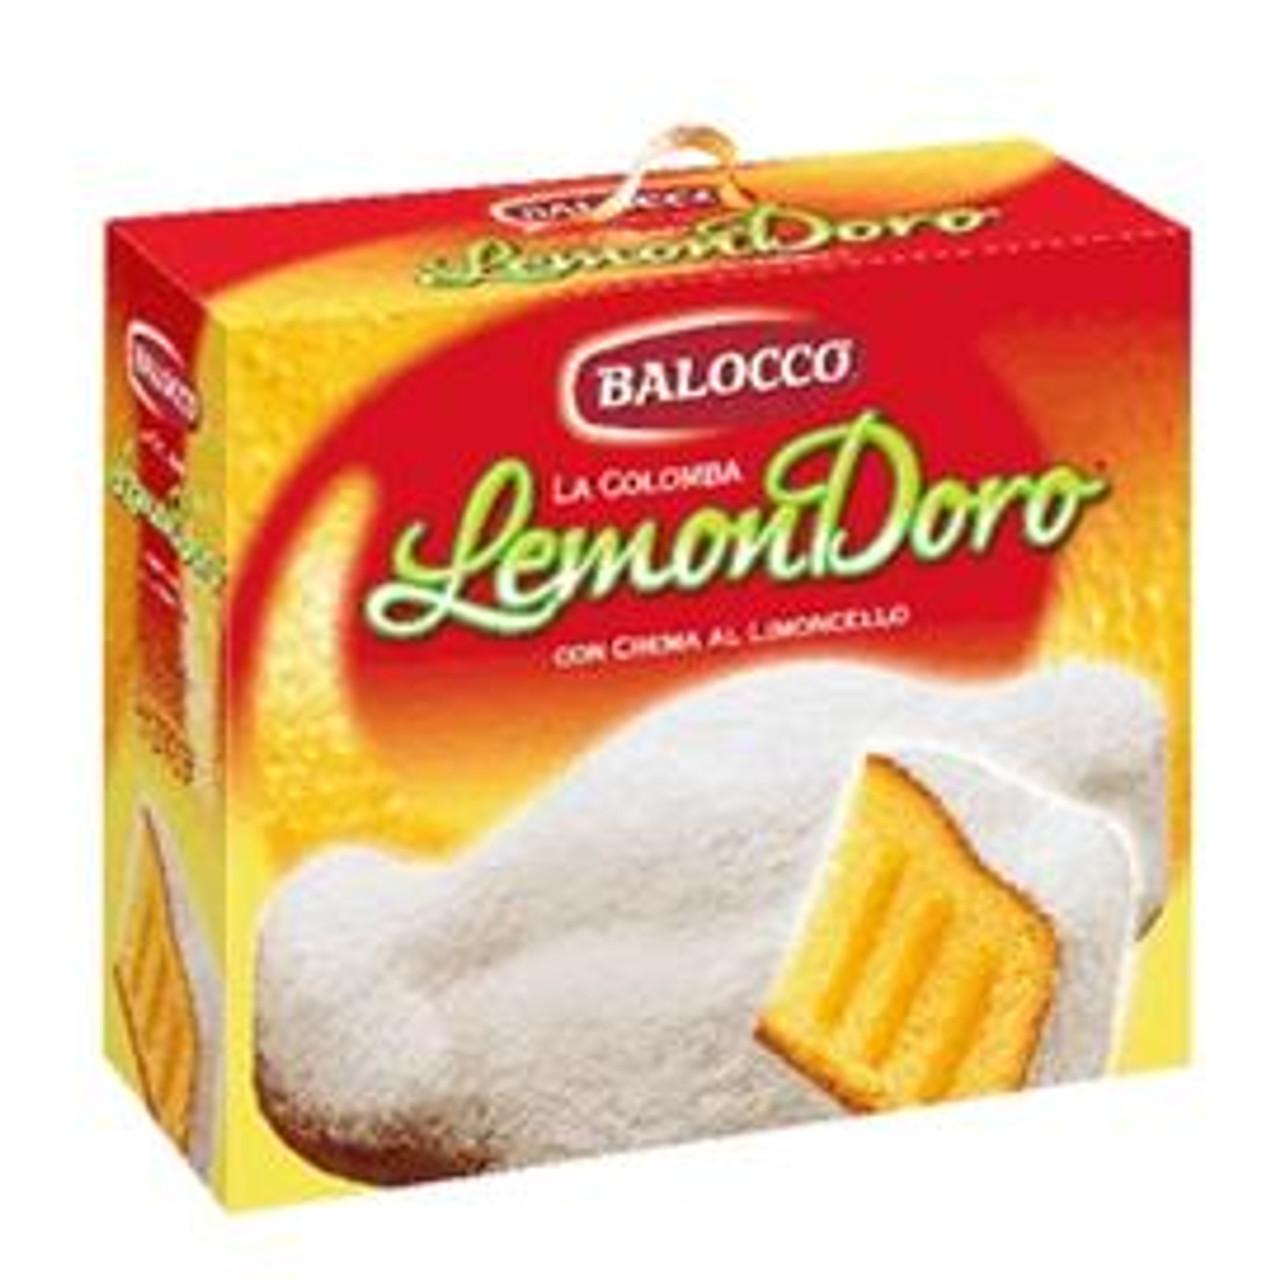 Balocco Colomba Lemondoro